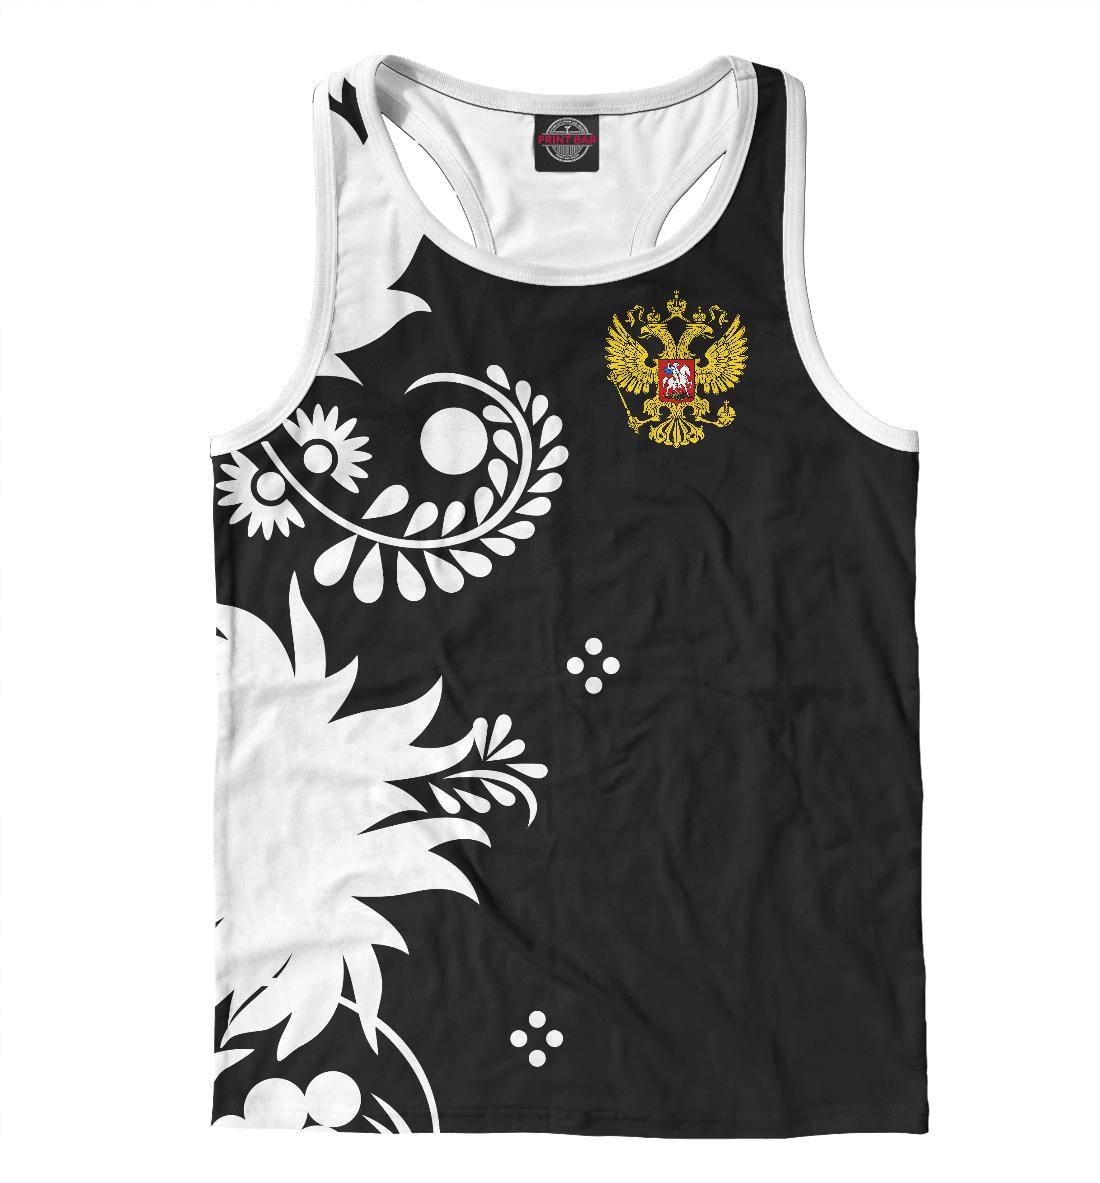 Купить Россия, Printbar, Майки борцовки, RZN-539122-mayb-2